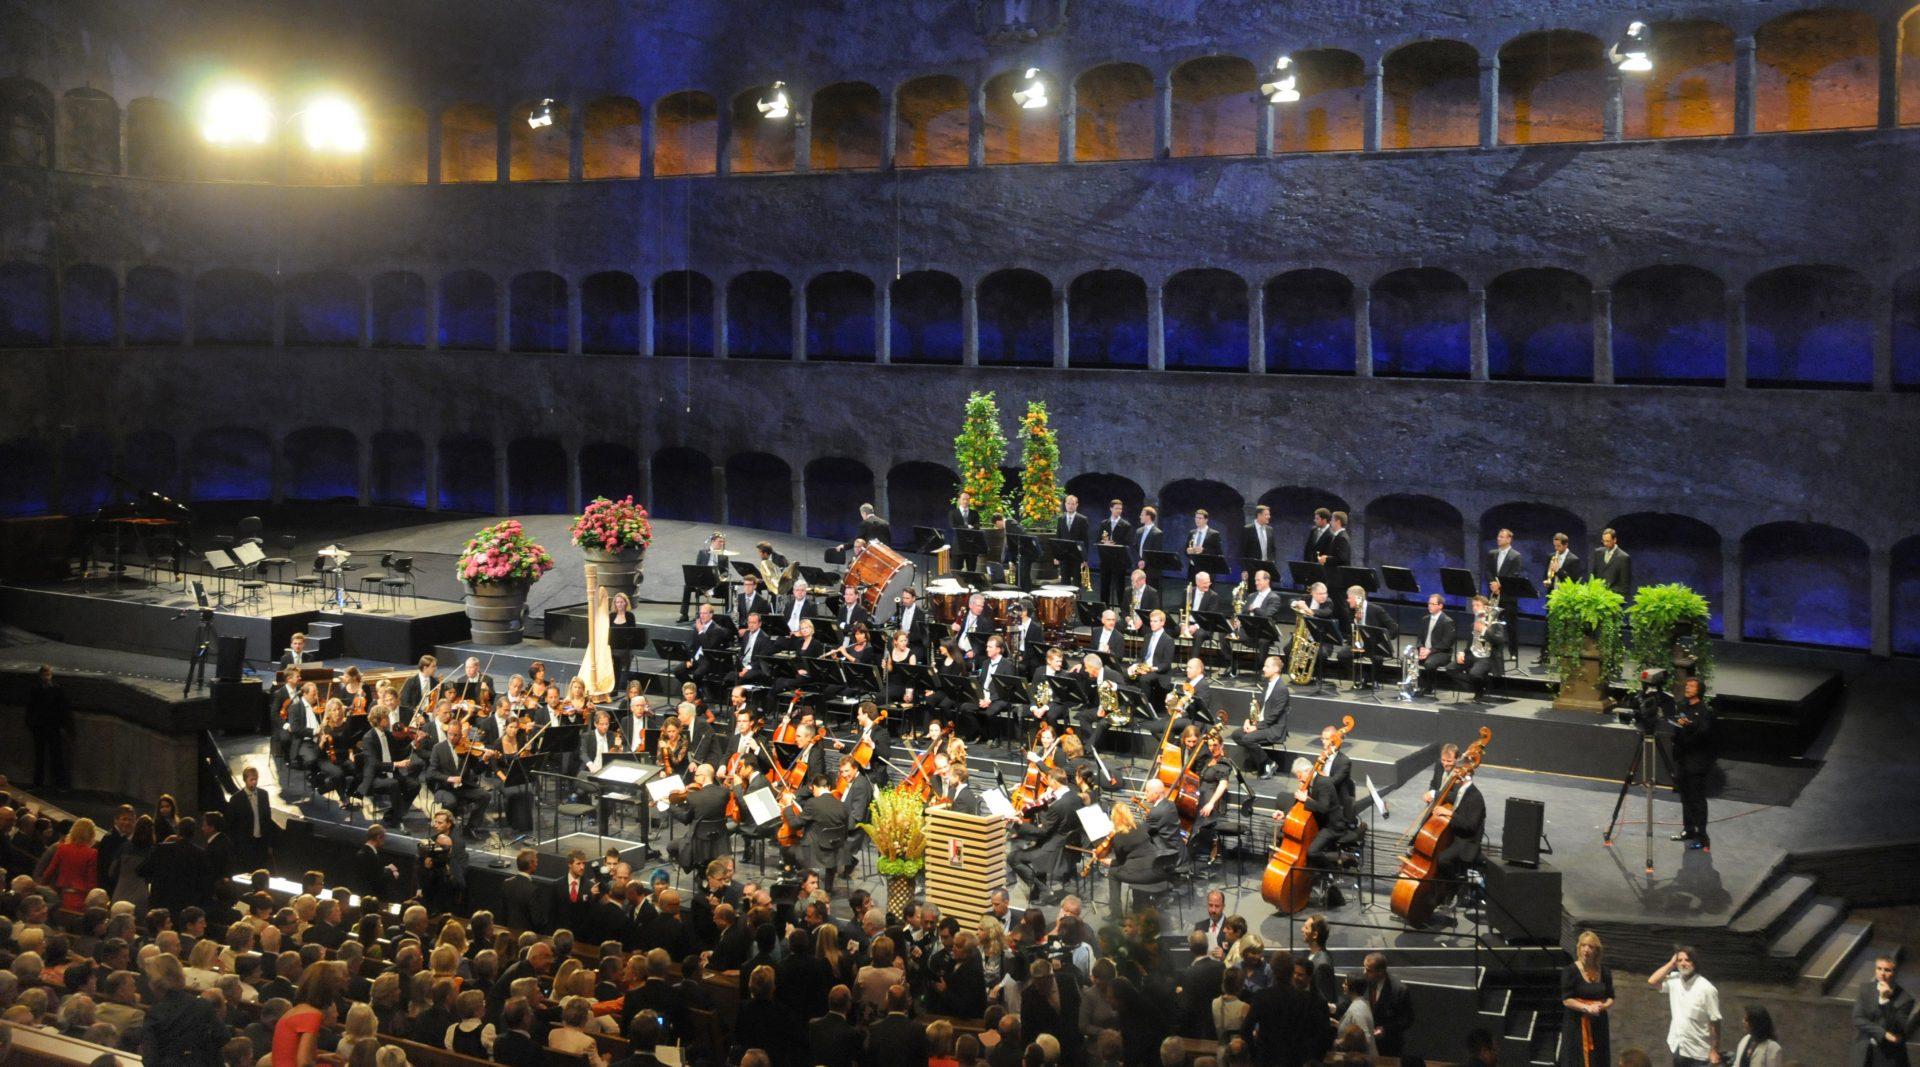 © Tourismus Salzburg GmbH - Salzburger Festspiele